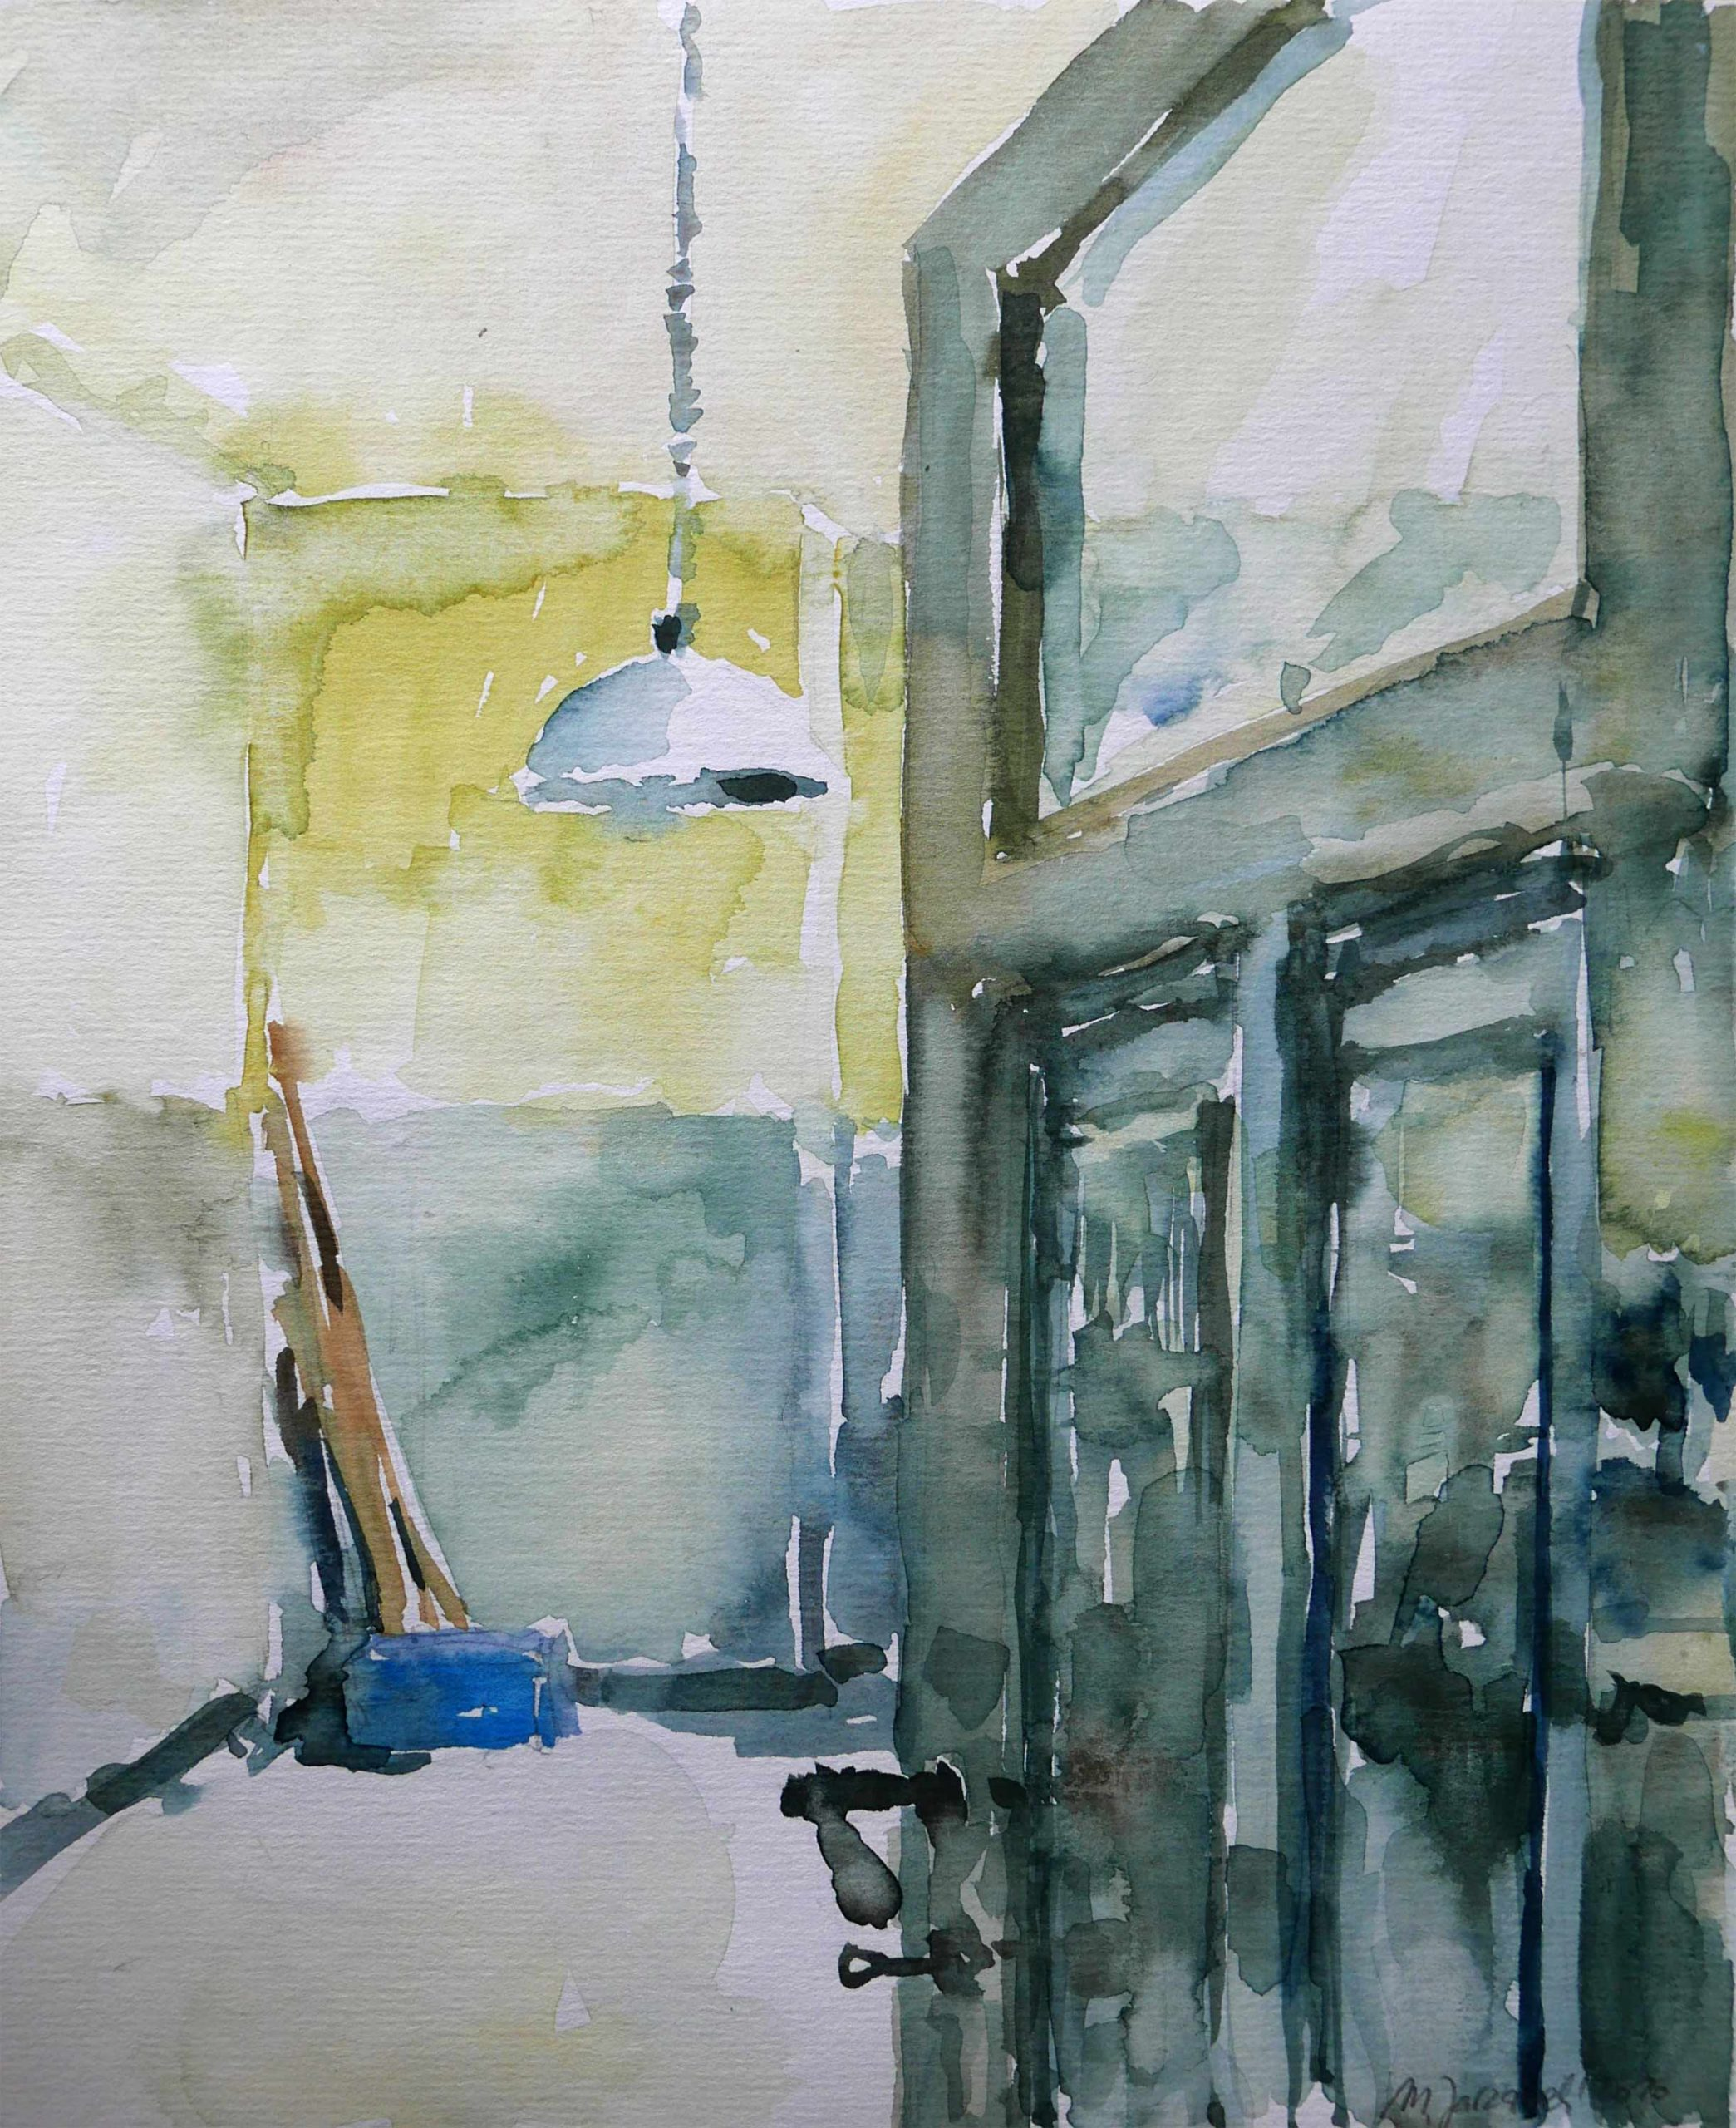 Aquarell Einblick in eine Küche bei Renovierung